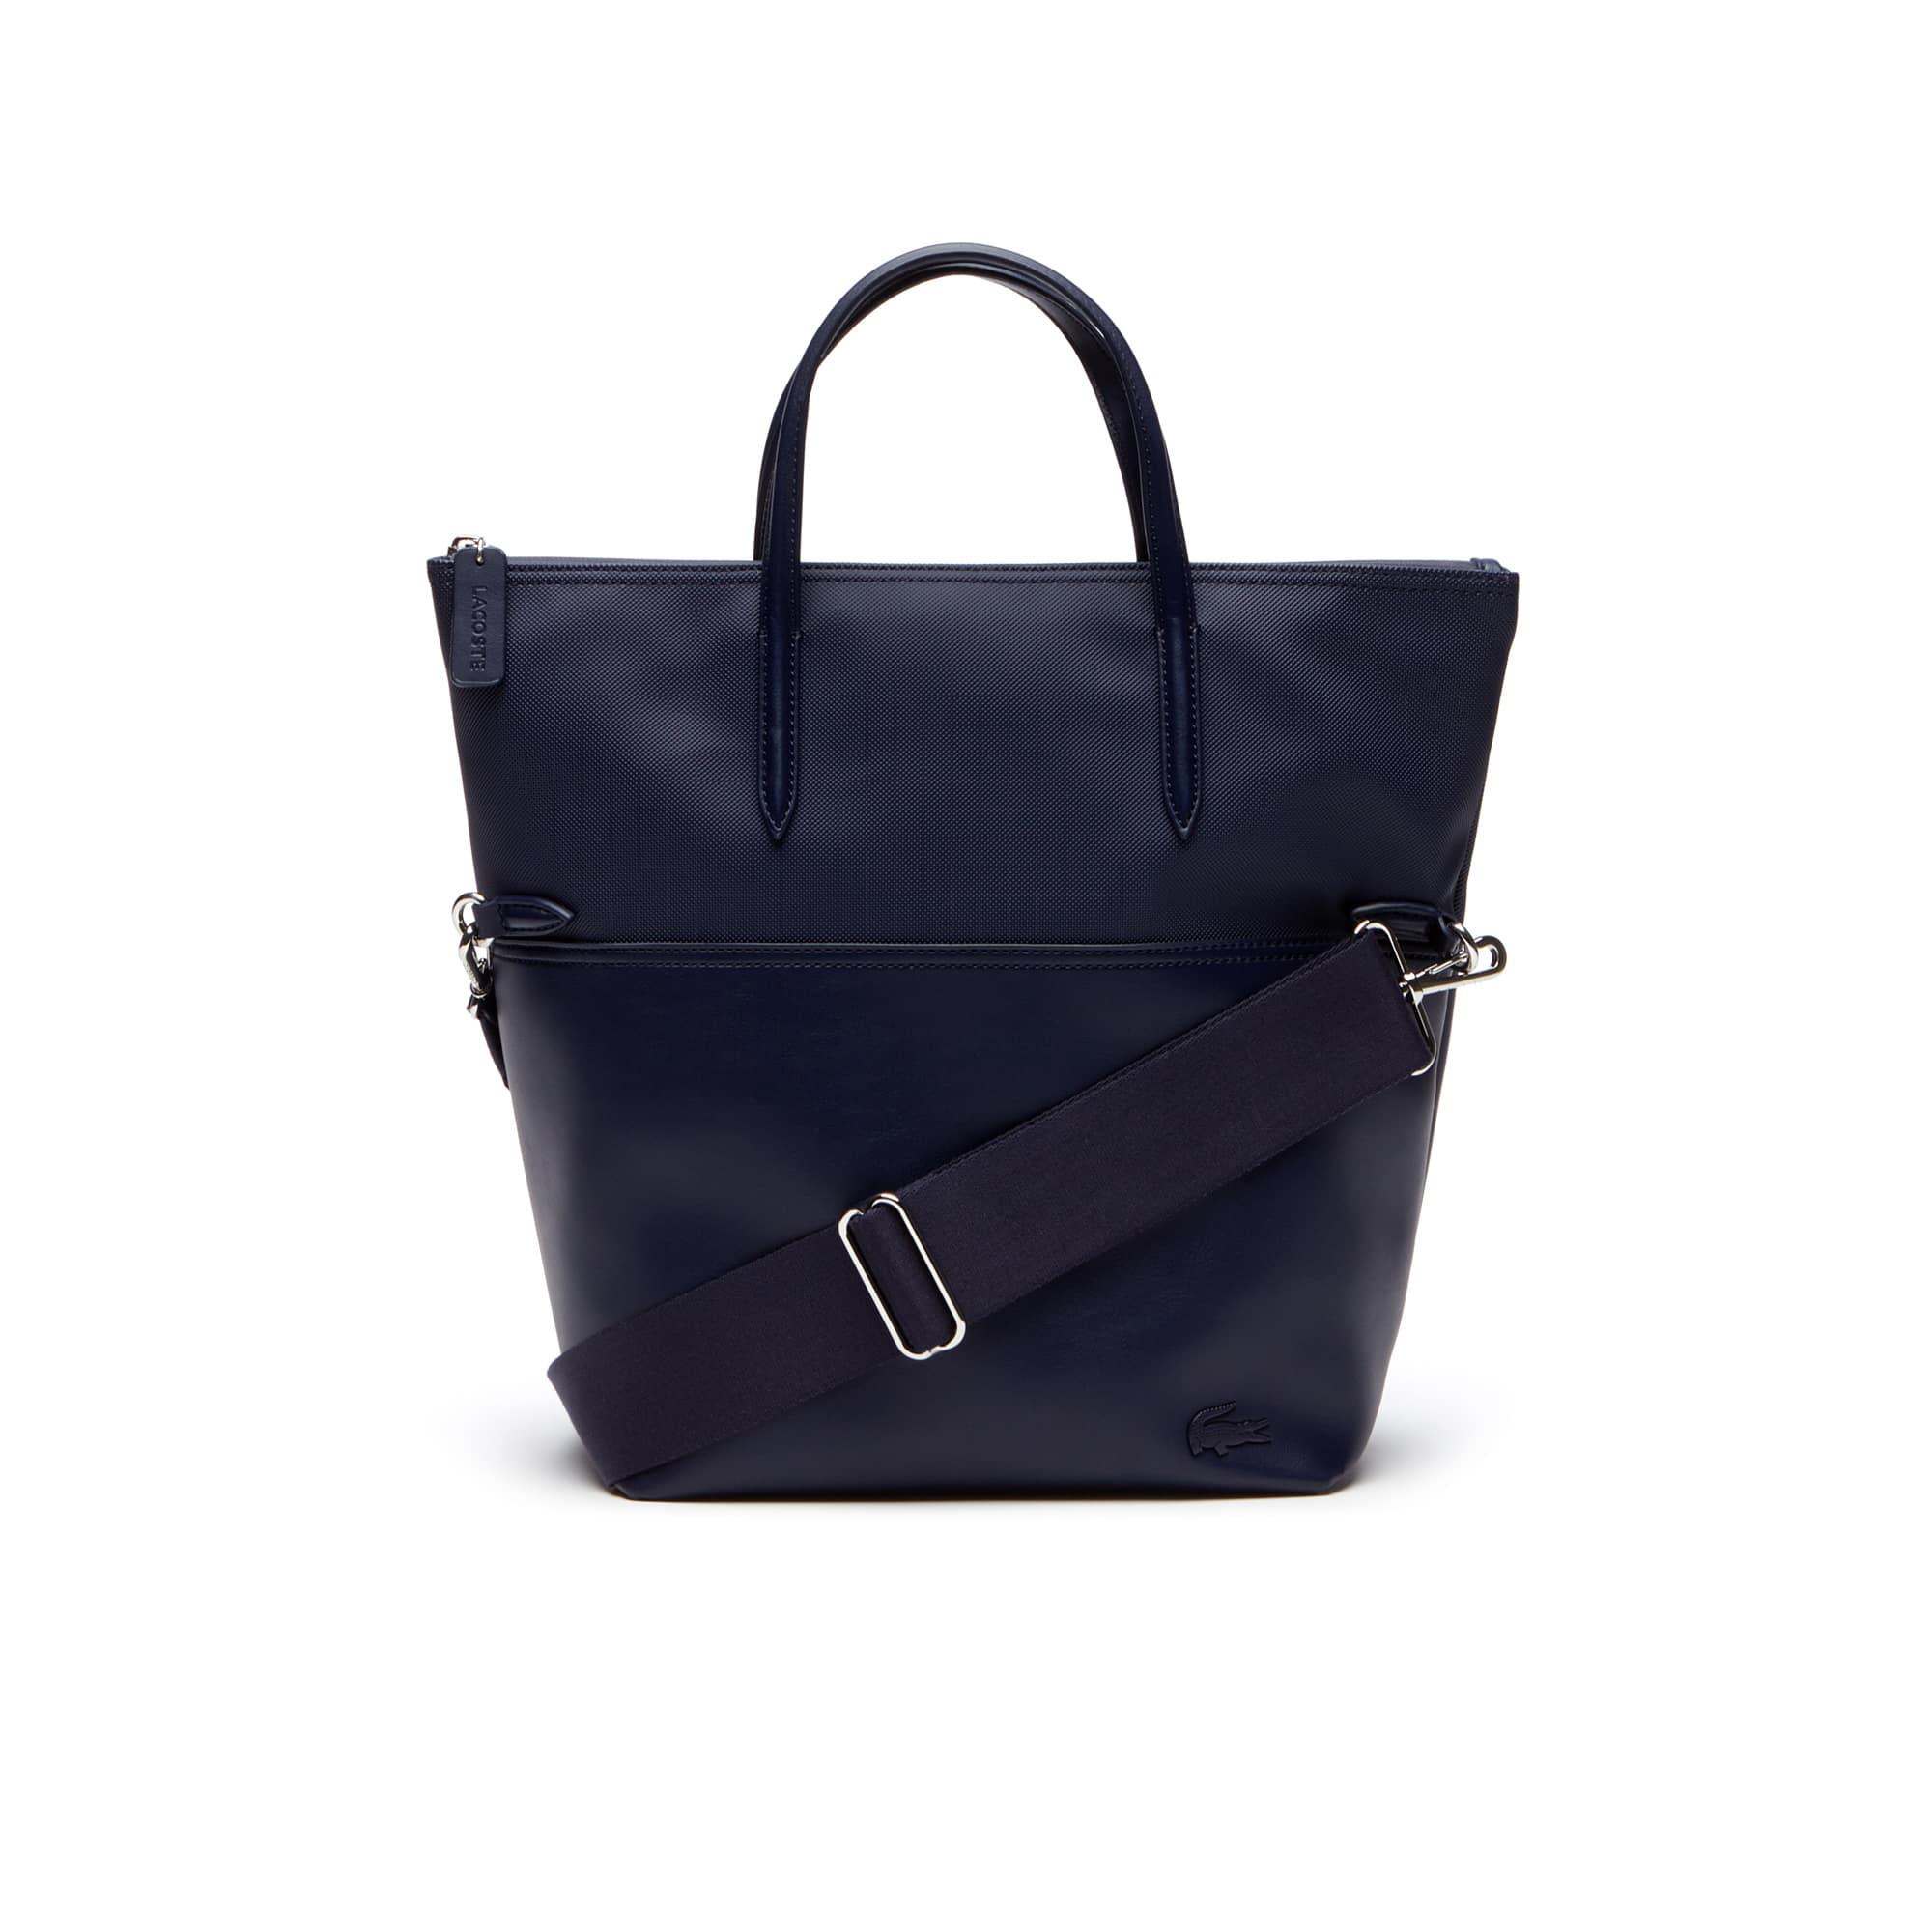 Women's L.2016 Bi-Material Folded Tote Bag